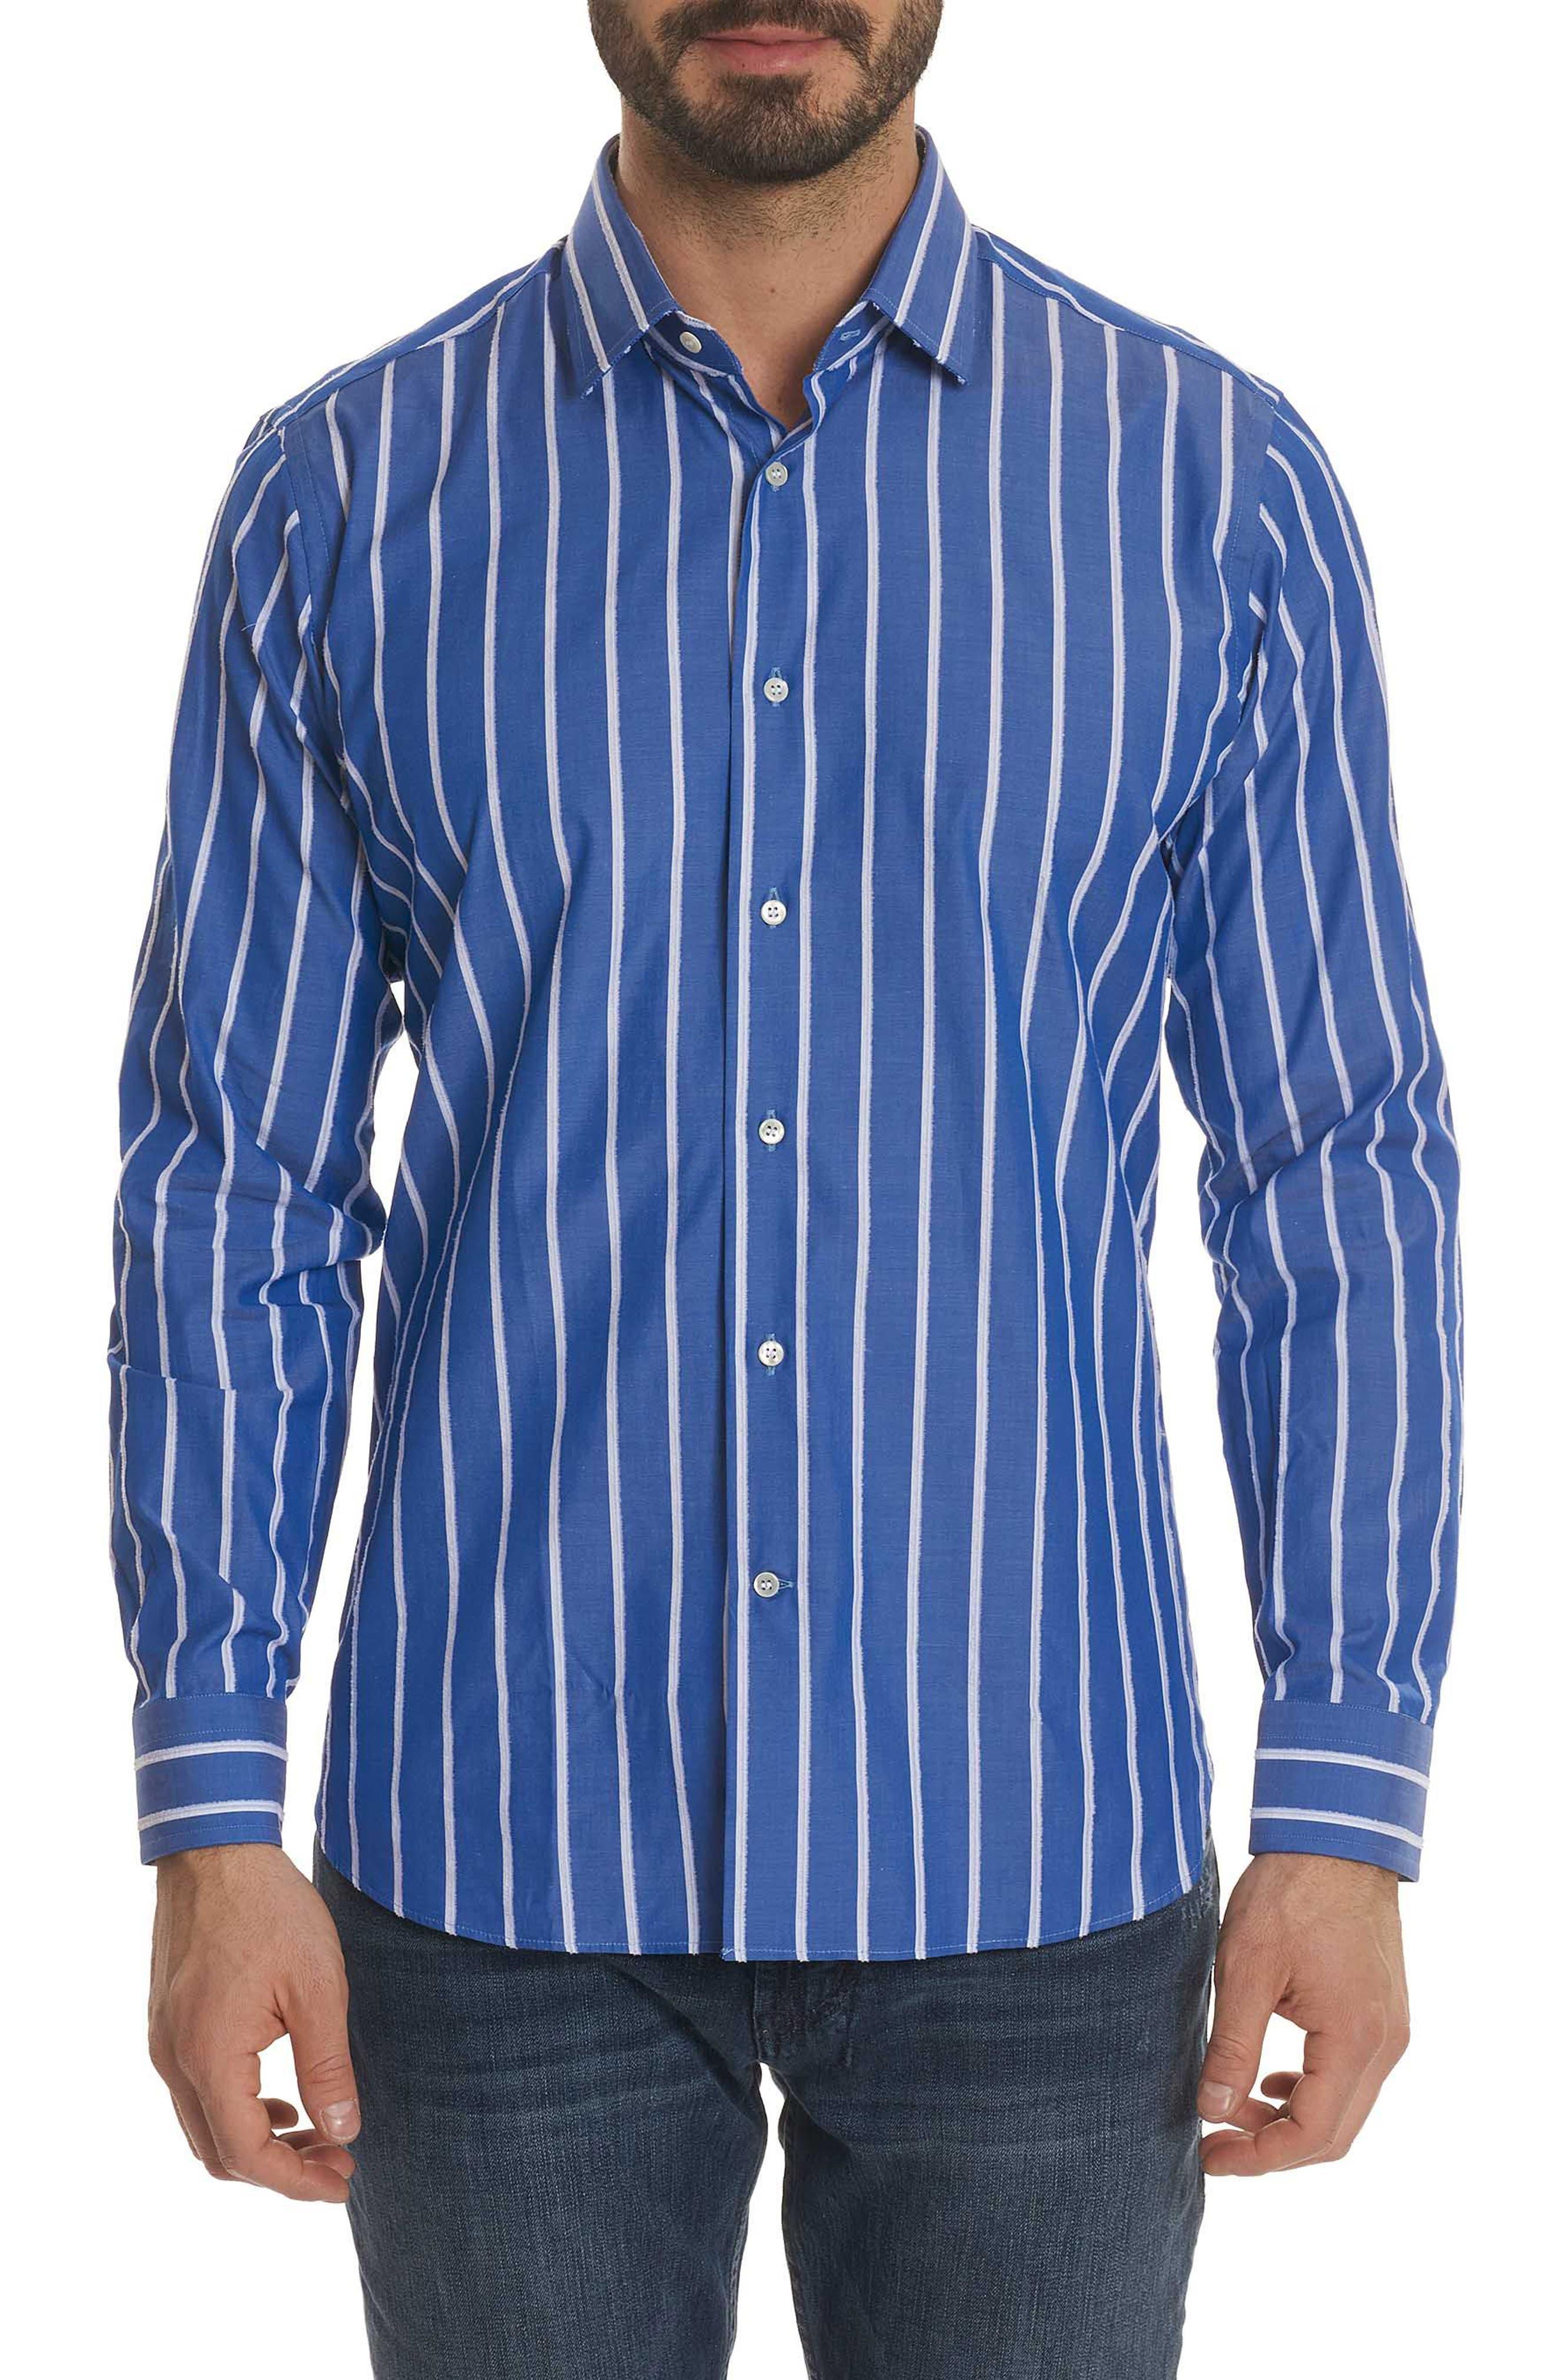 Massimo Regular Fit Stripe Sport Shirt,                             Main thumbnail 1, color,                             Blue